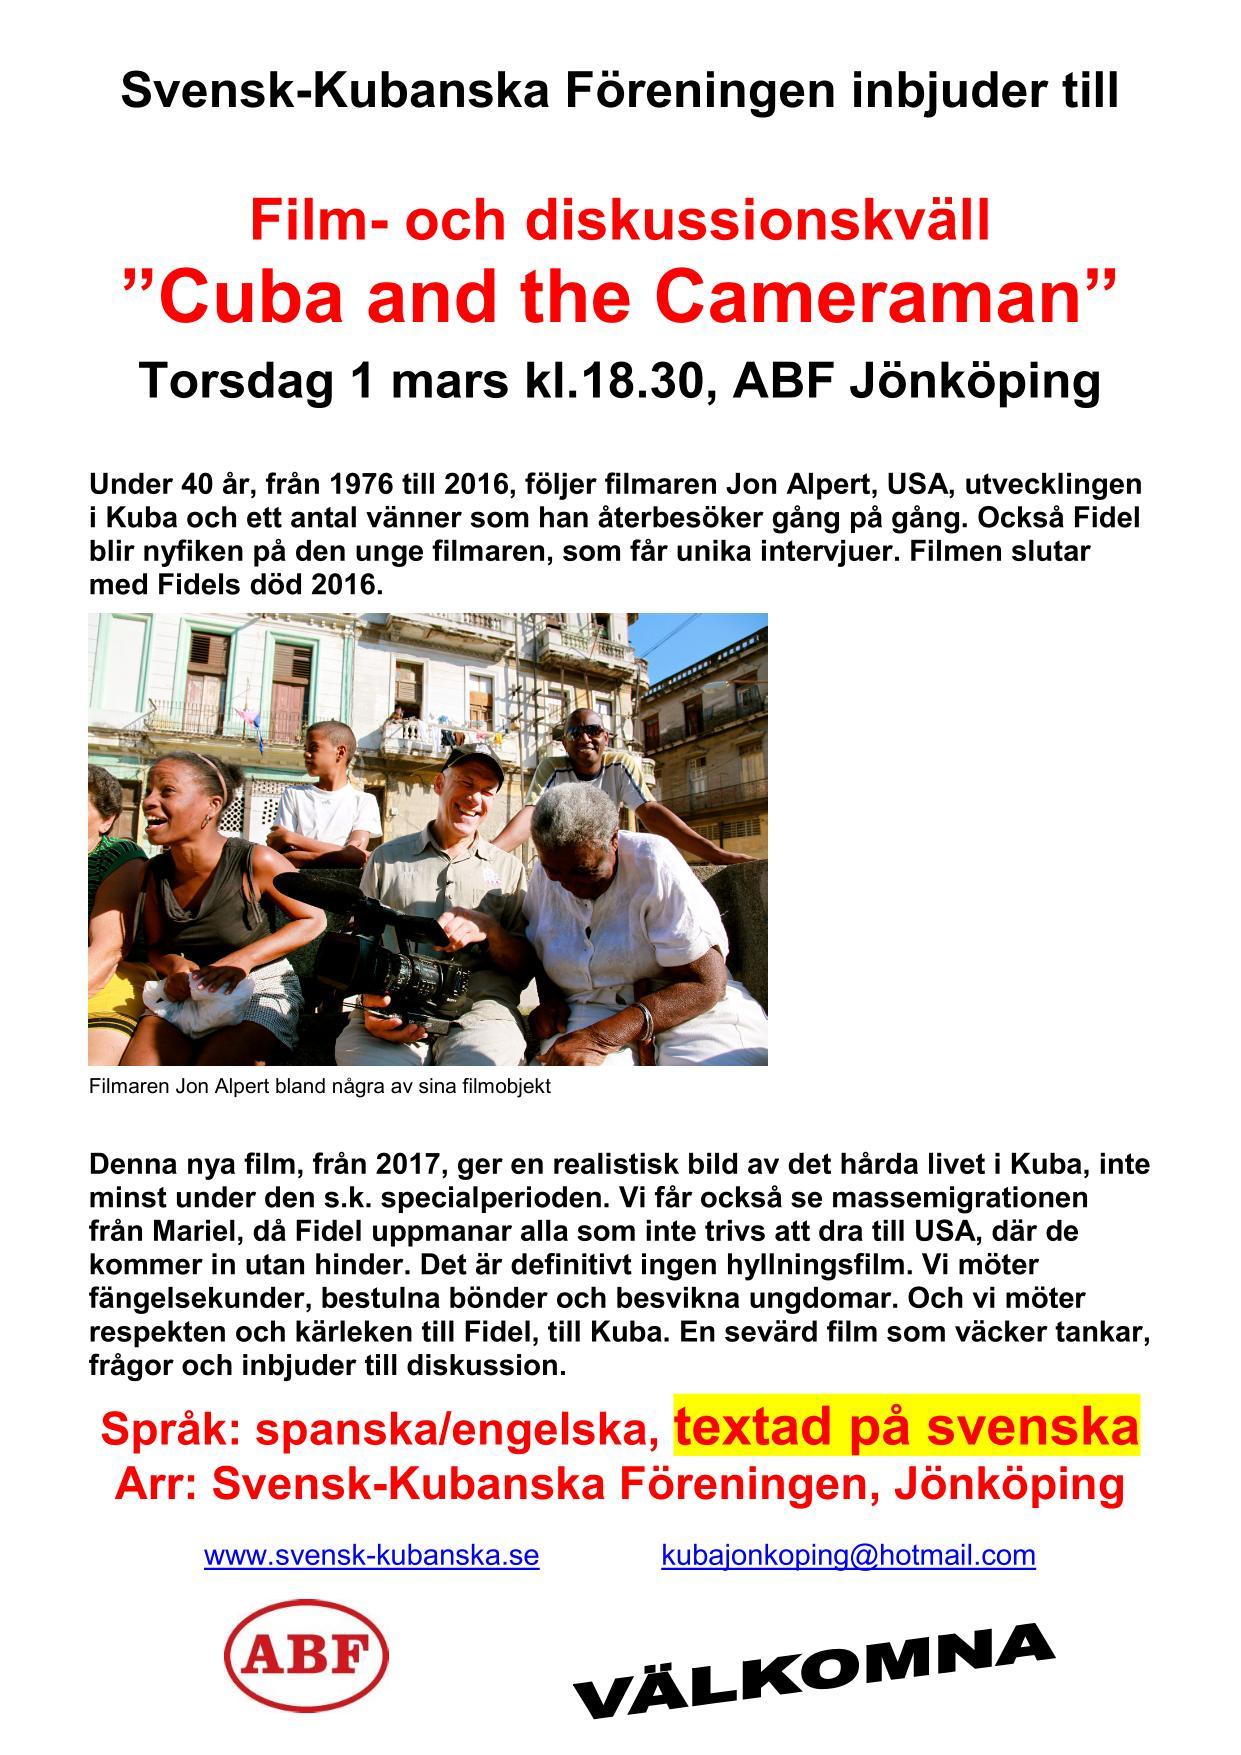 Cuba_Cameraman_filmaffisch